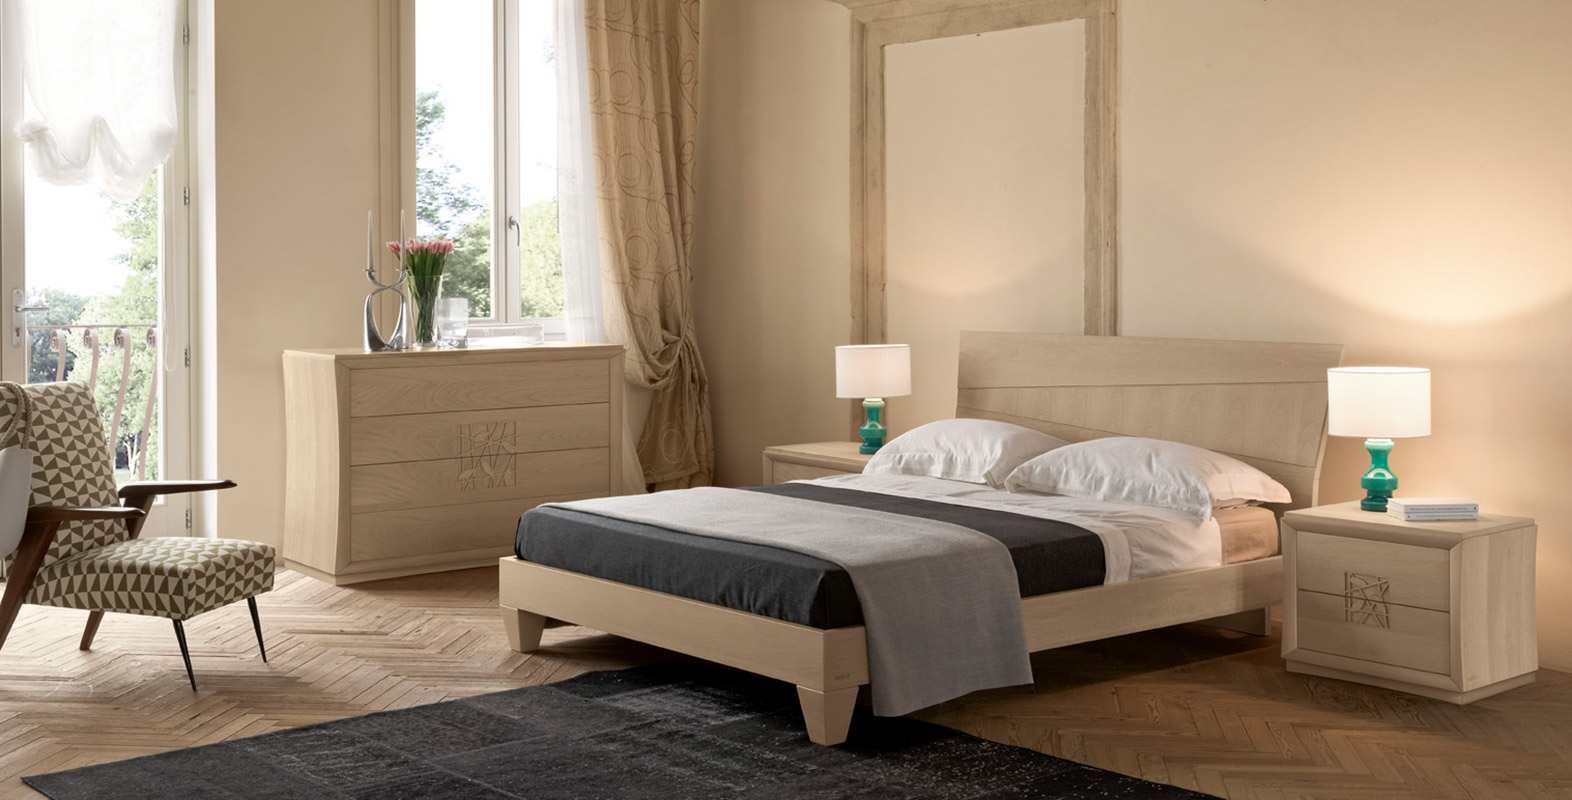 Camera modo10 decor by modo 10 legno design camere a for Camere da letto economiche prezzi